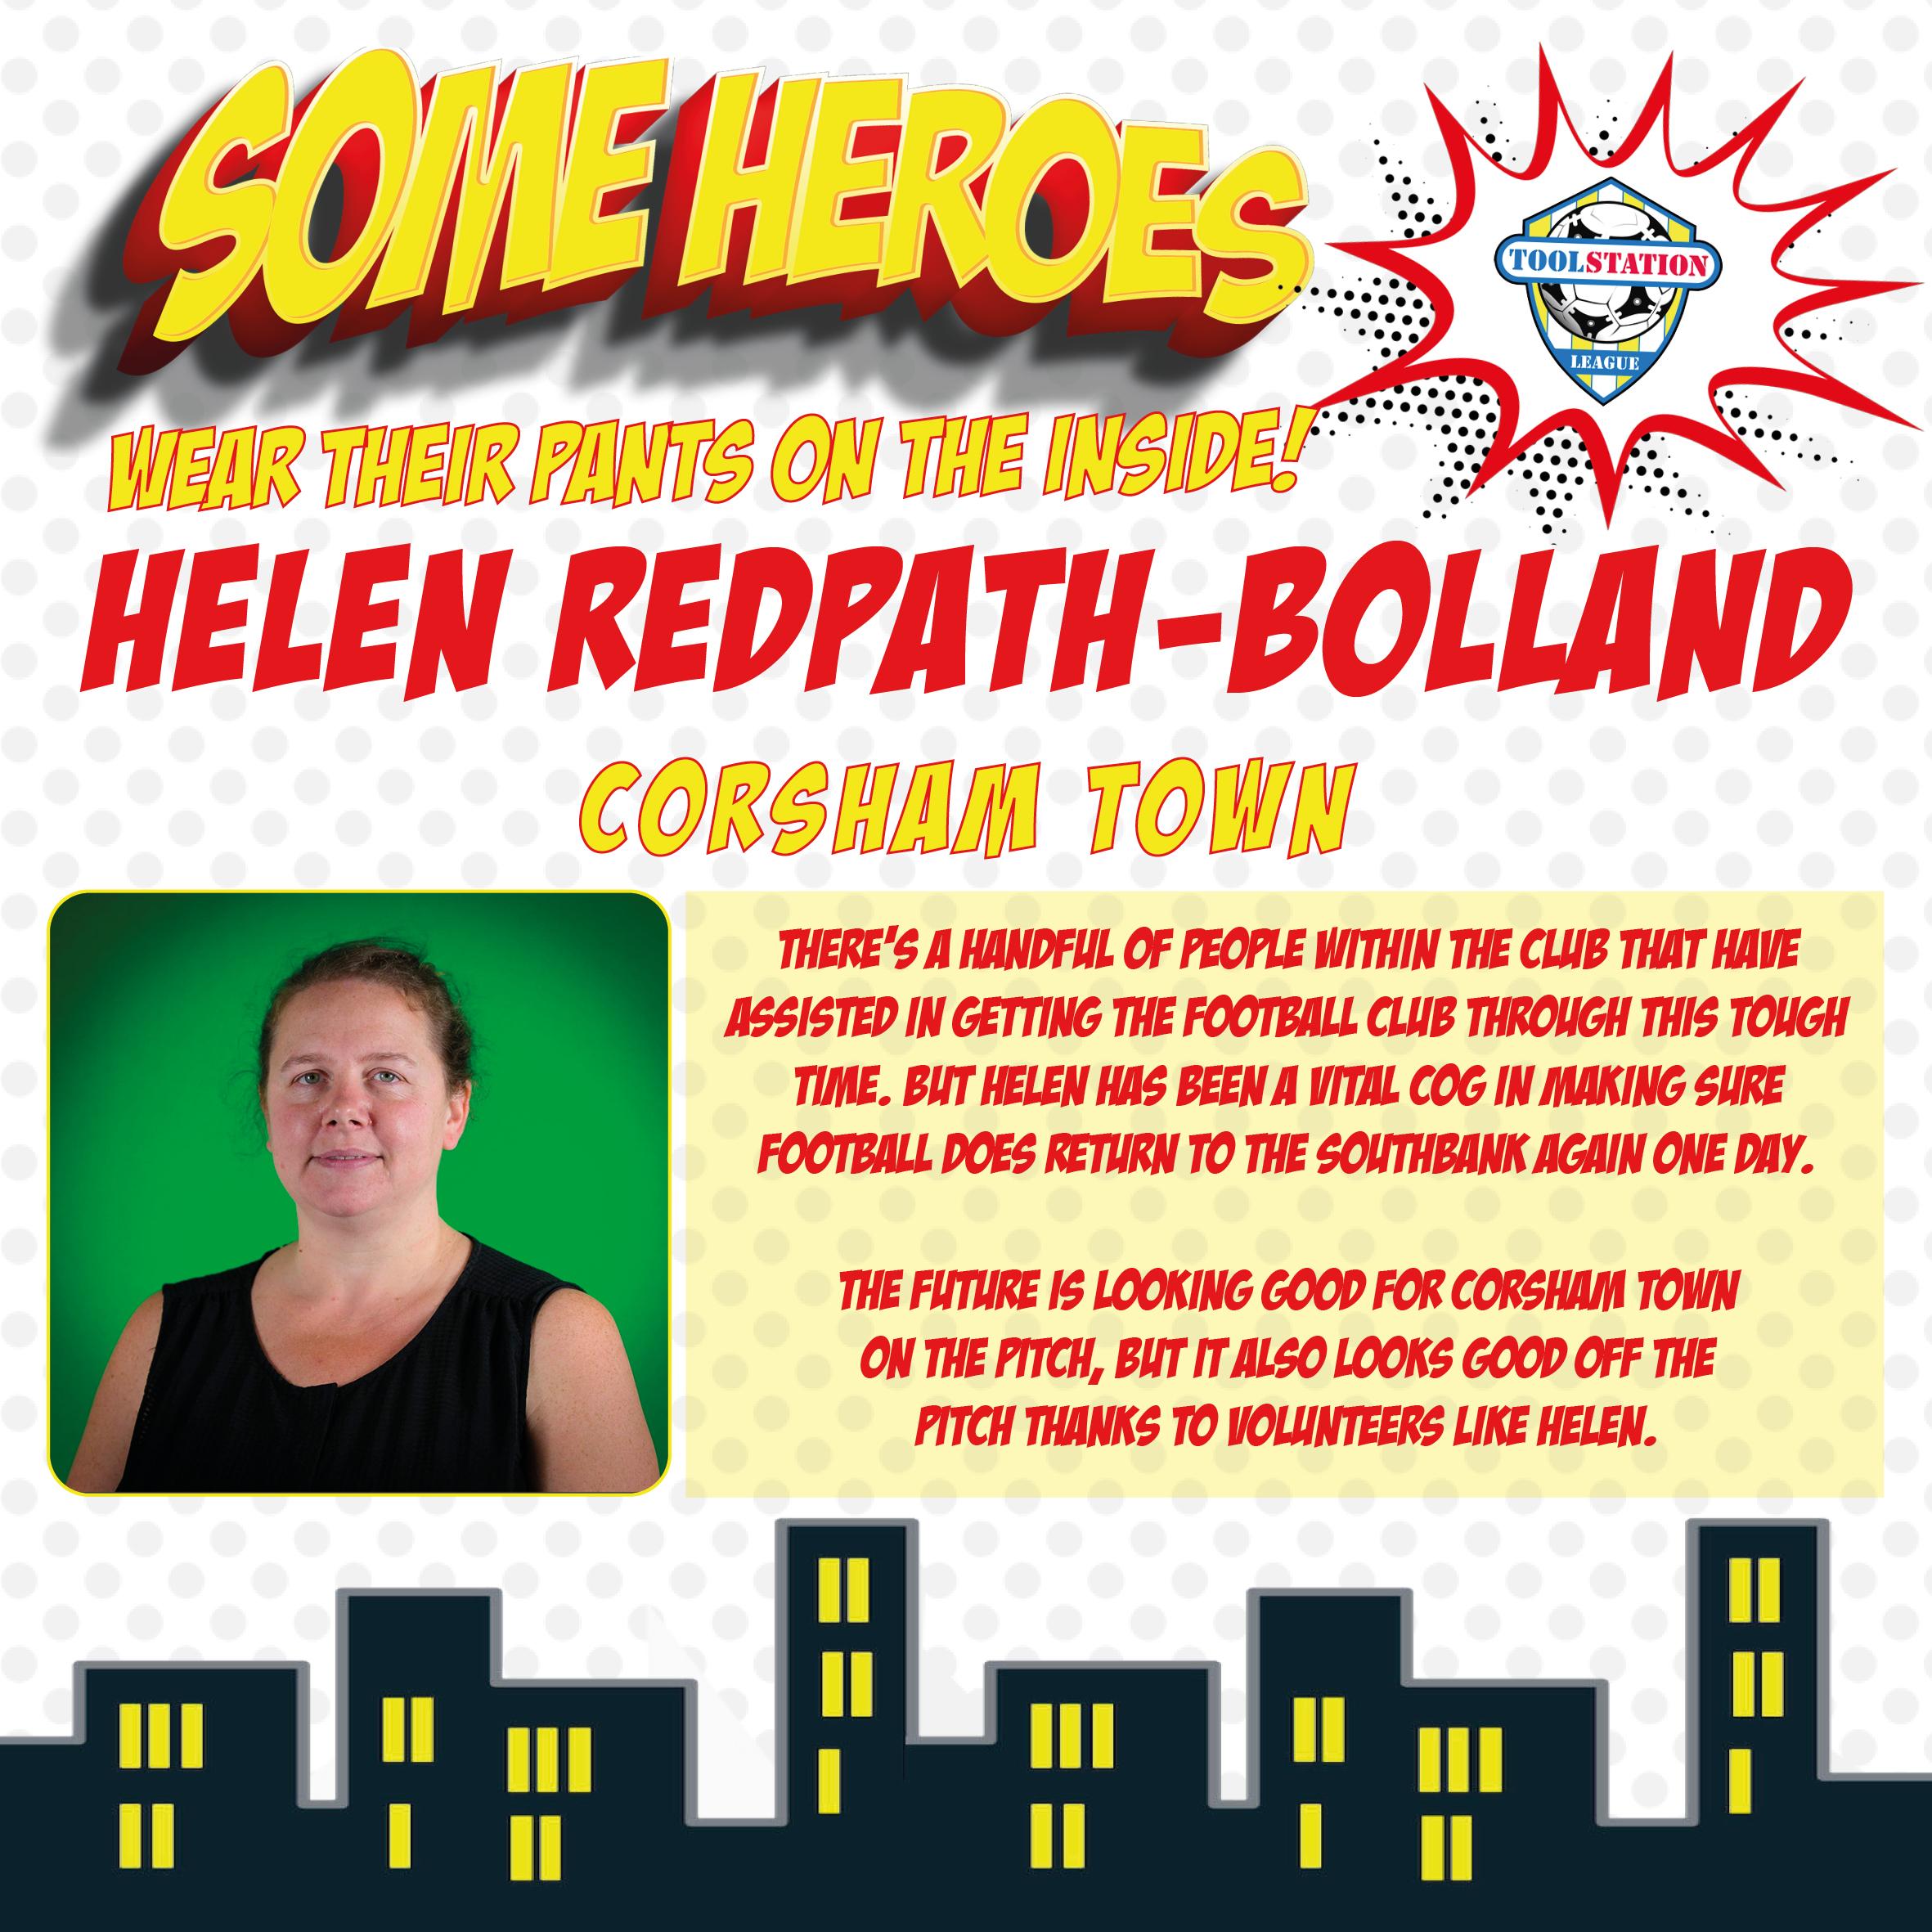 Helen Redpath-Bolland